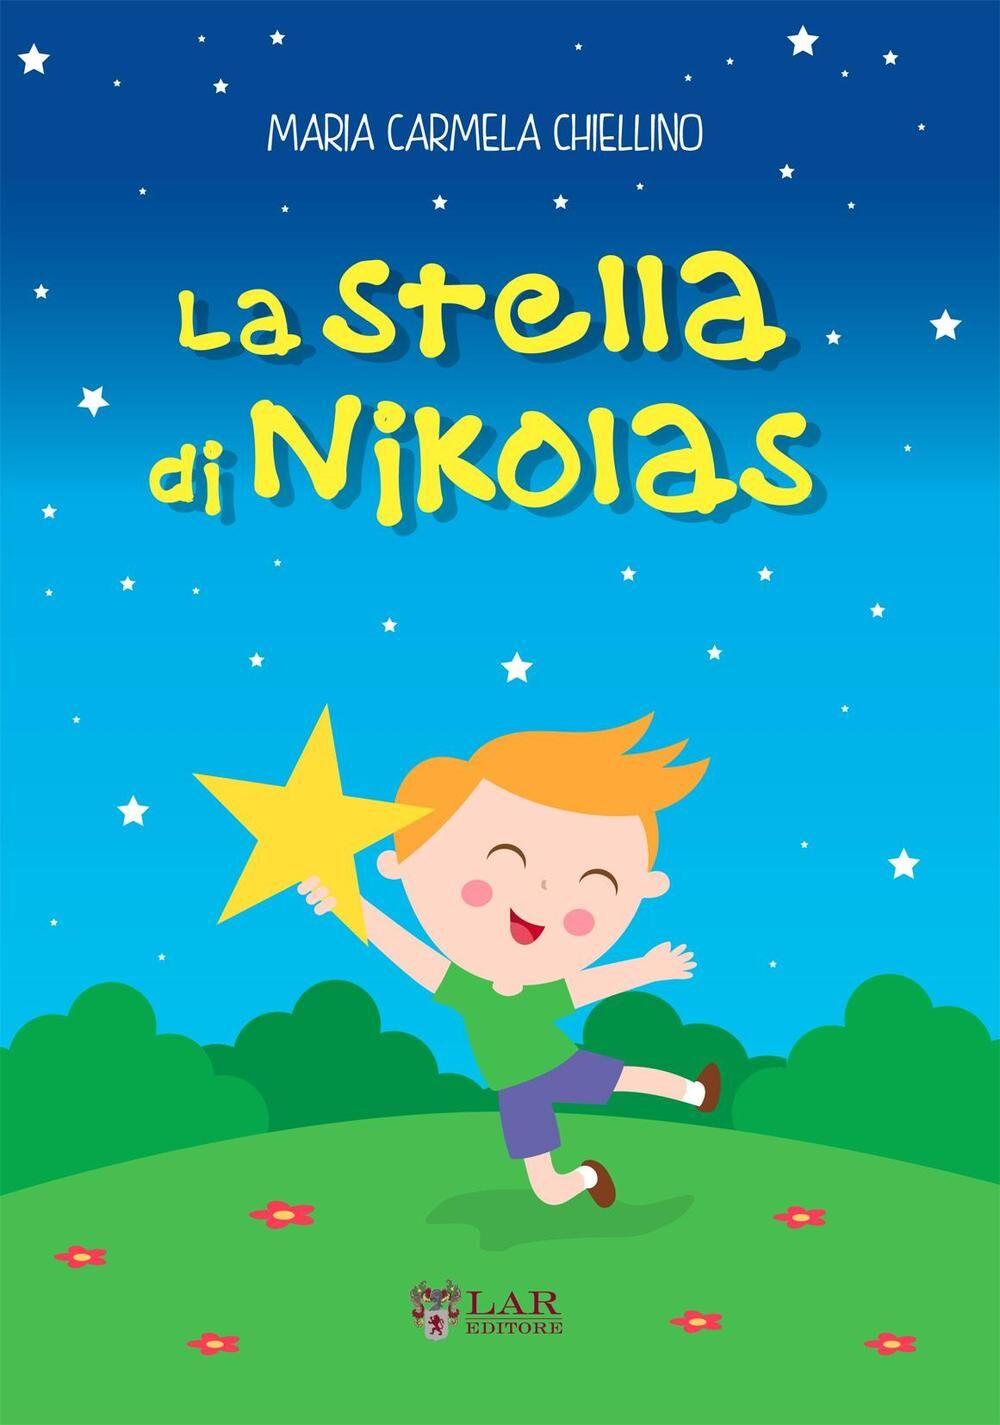 La stella di Nikolas